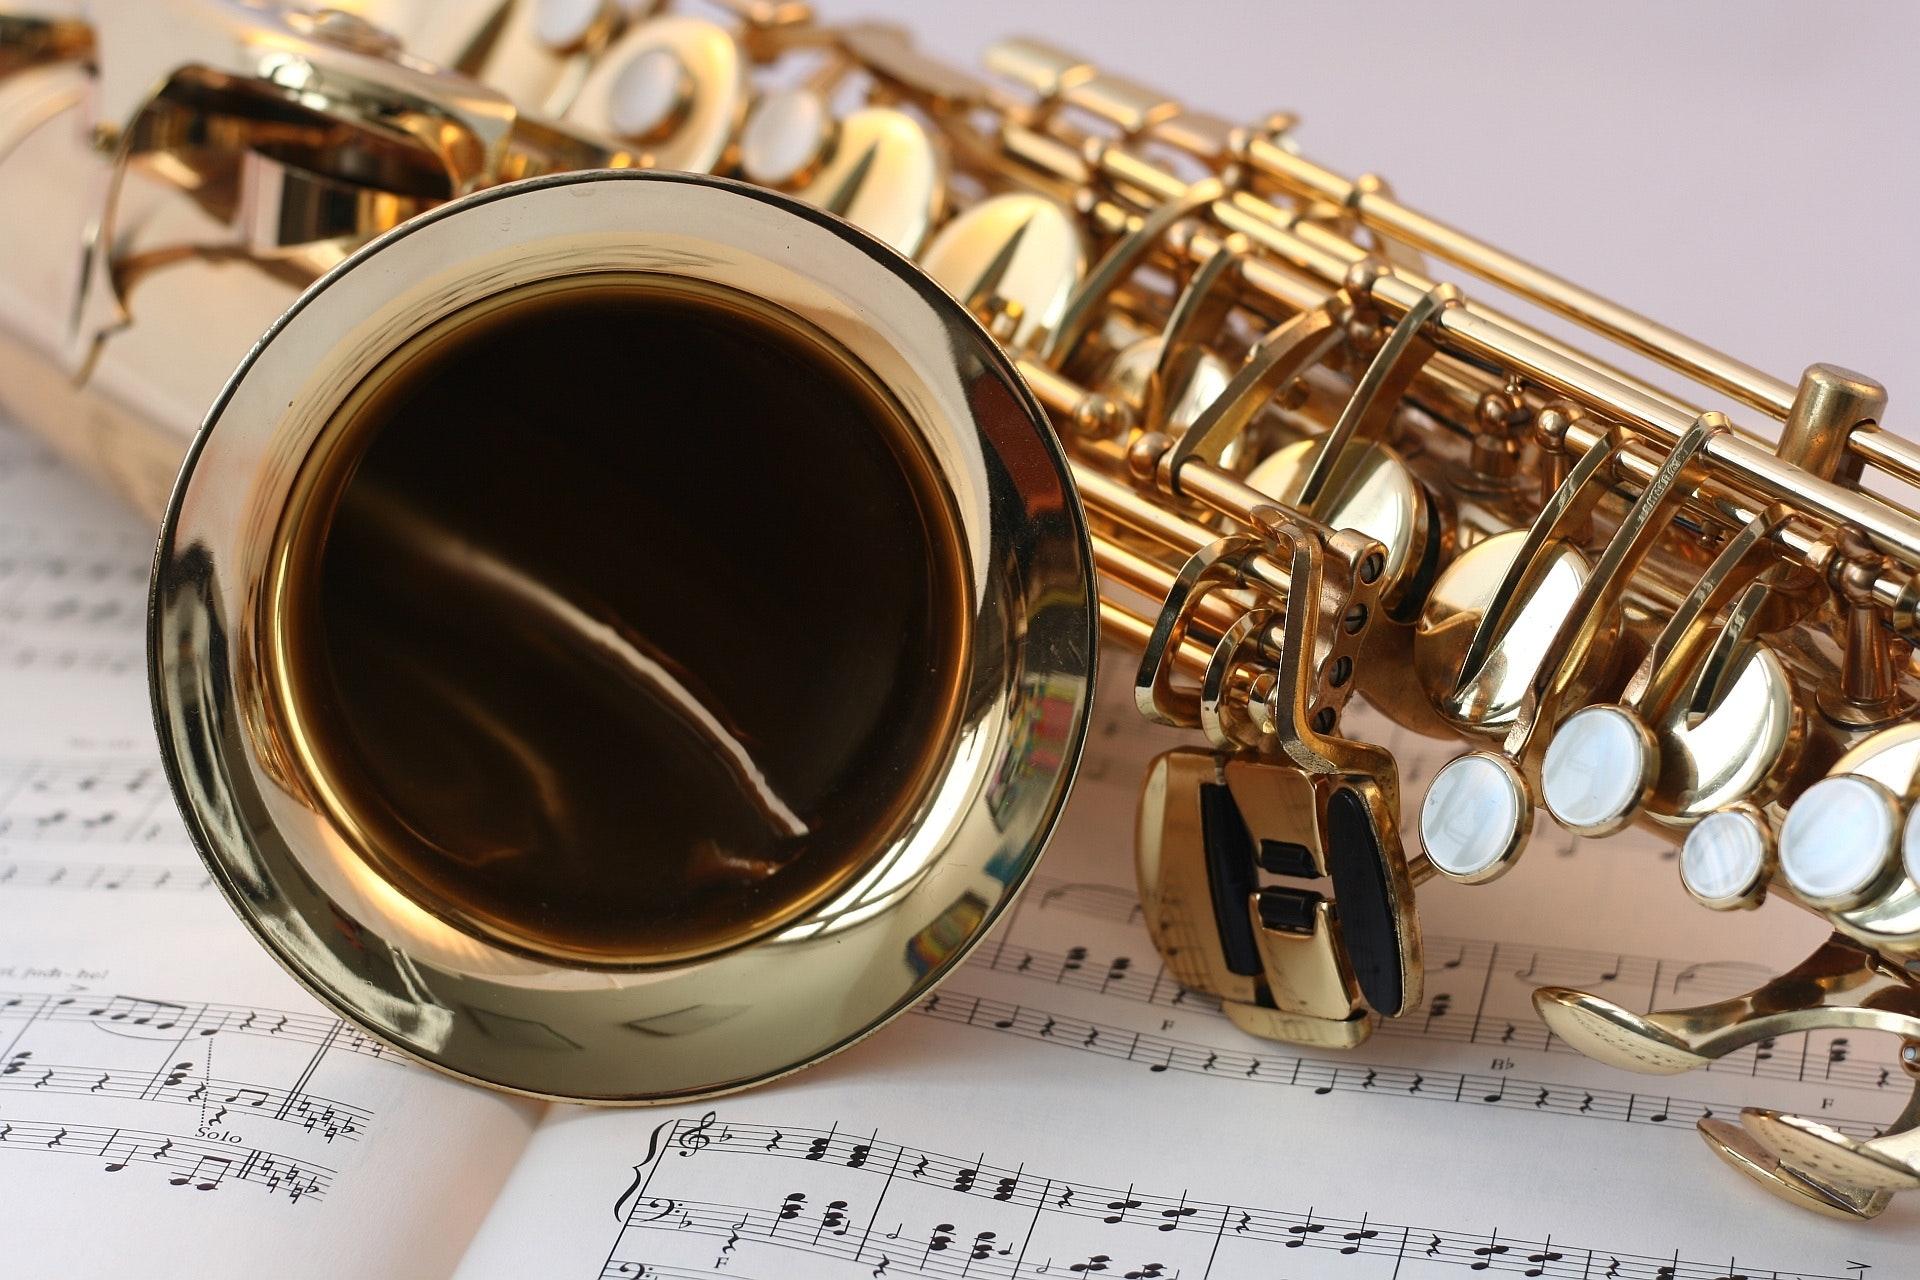 brass-classic-classical-music-45243